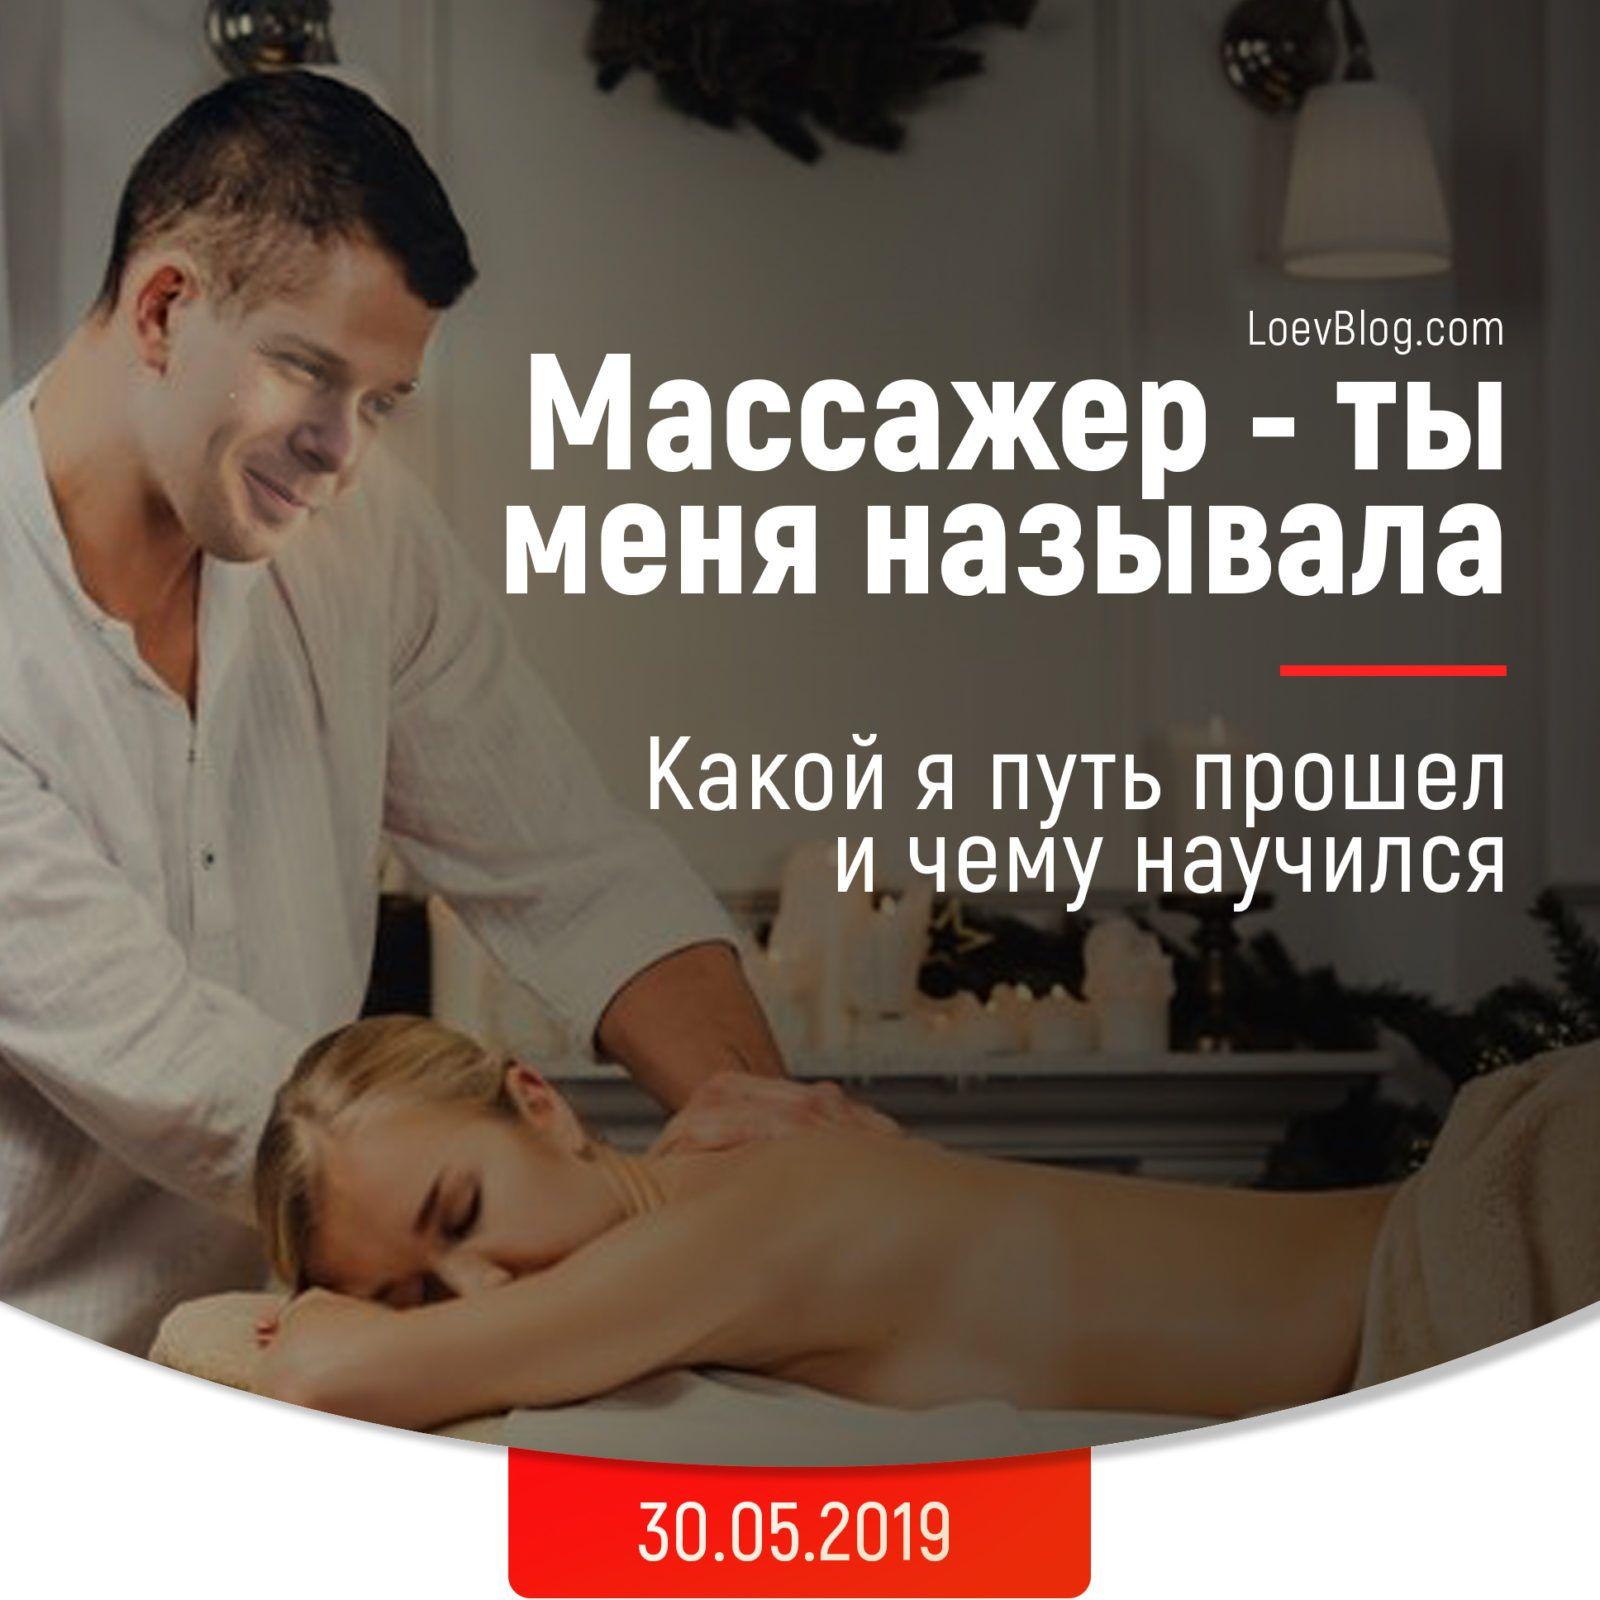 Массажер - ты меня называла. Школа массажа И.И. Войтенко. Отзывы 1